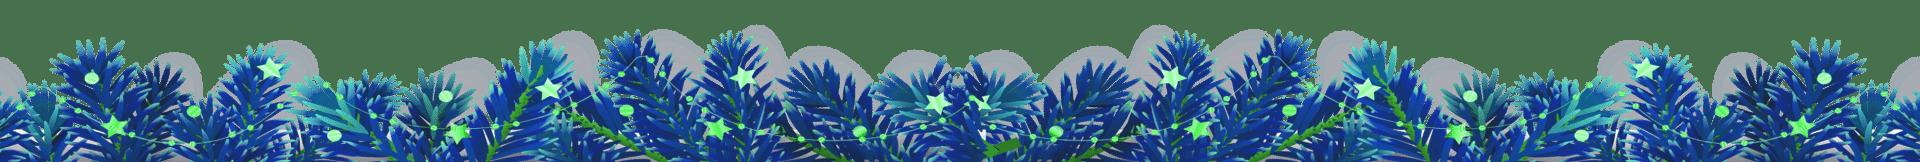 kerstversiering blauw